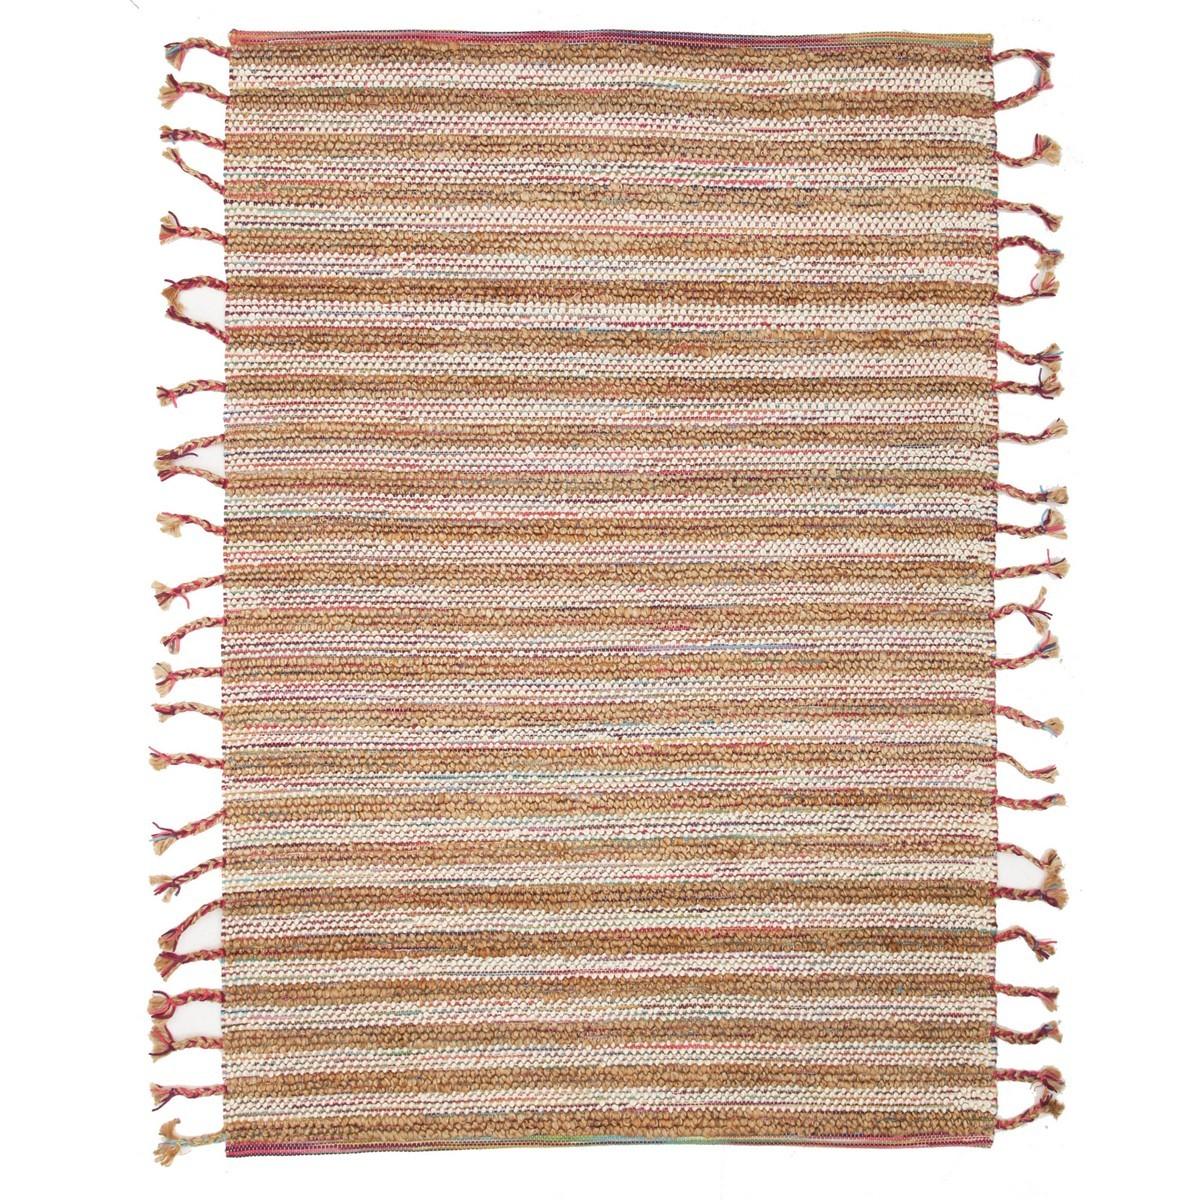 Nordic Summer Wool & Jute Rug, 280x190cm